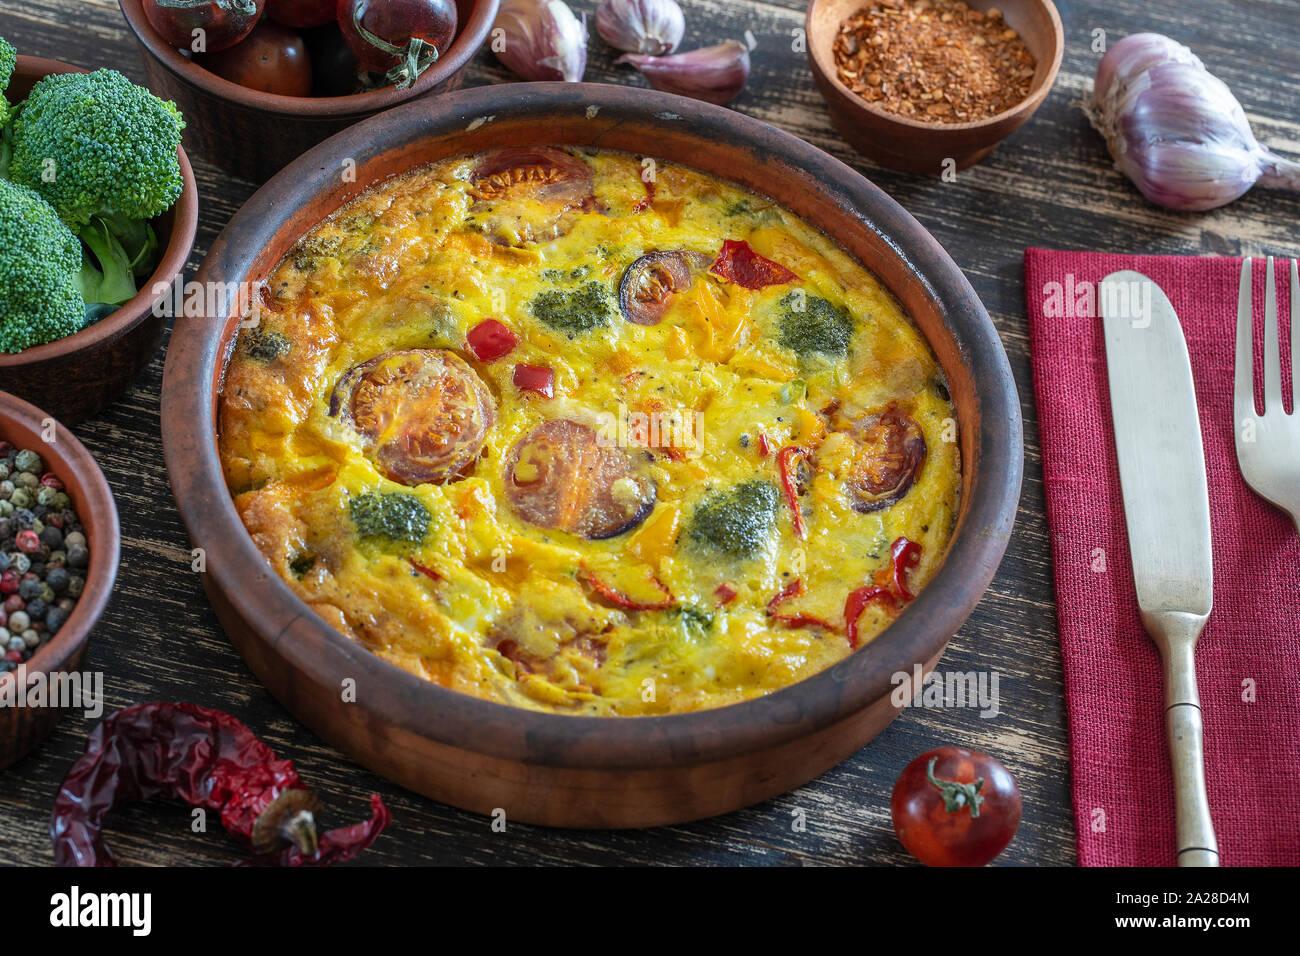 Cuenco de cerámica con verdura frittata, sencilla comida vegetariana. Frittata con huevo, tomate, pimiento, cebolla, brócoli y queso en la mesa de madera, de cerca. Foto de stock